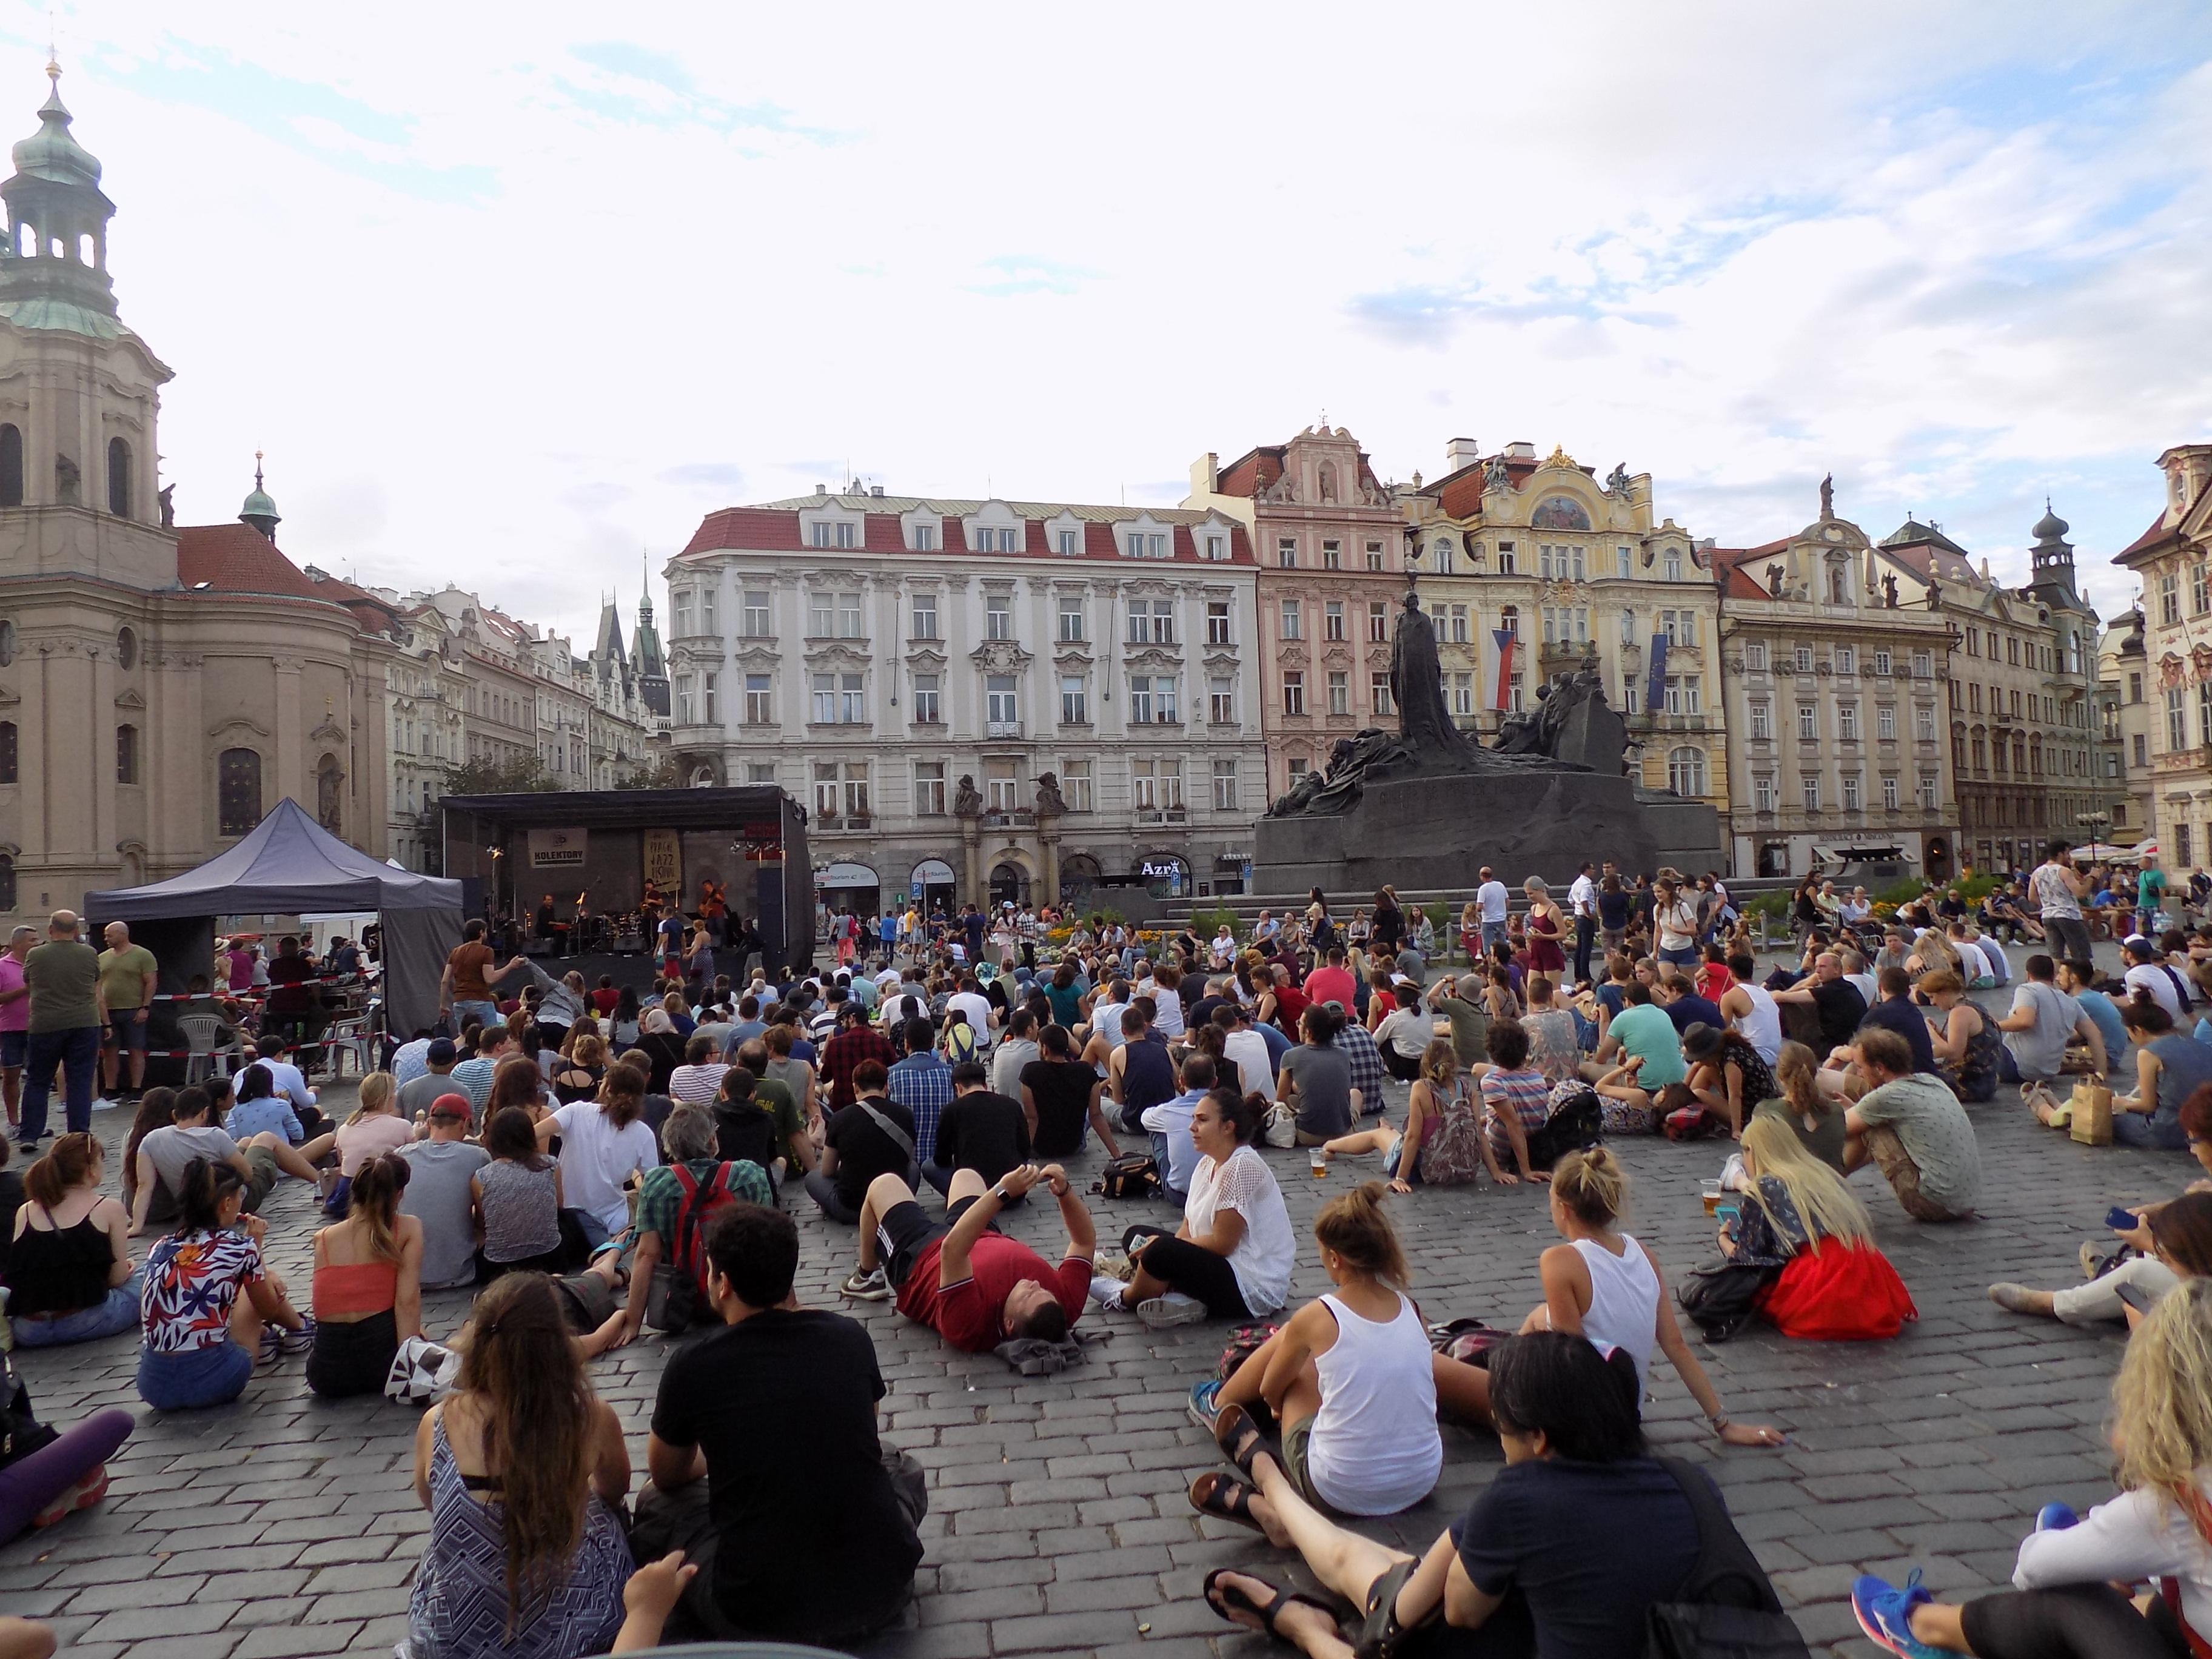 староместская площадь в праге old town square prague 3